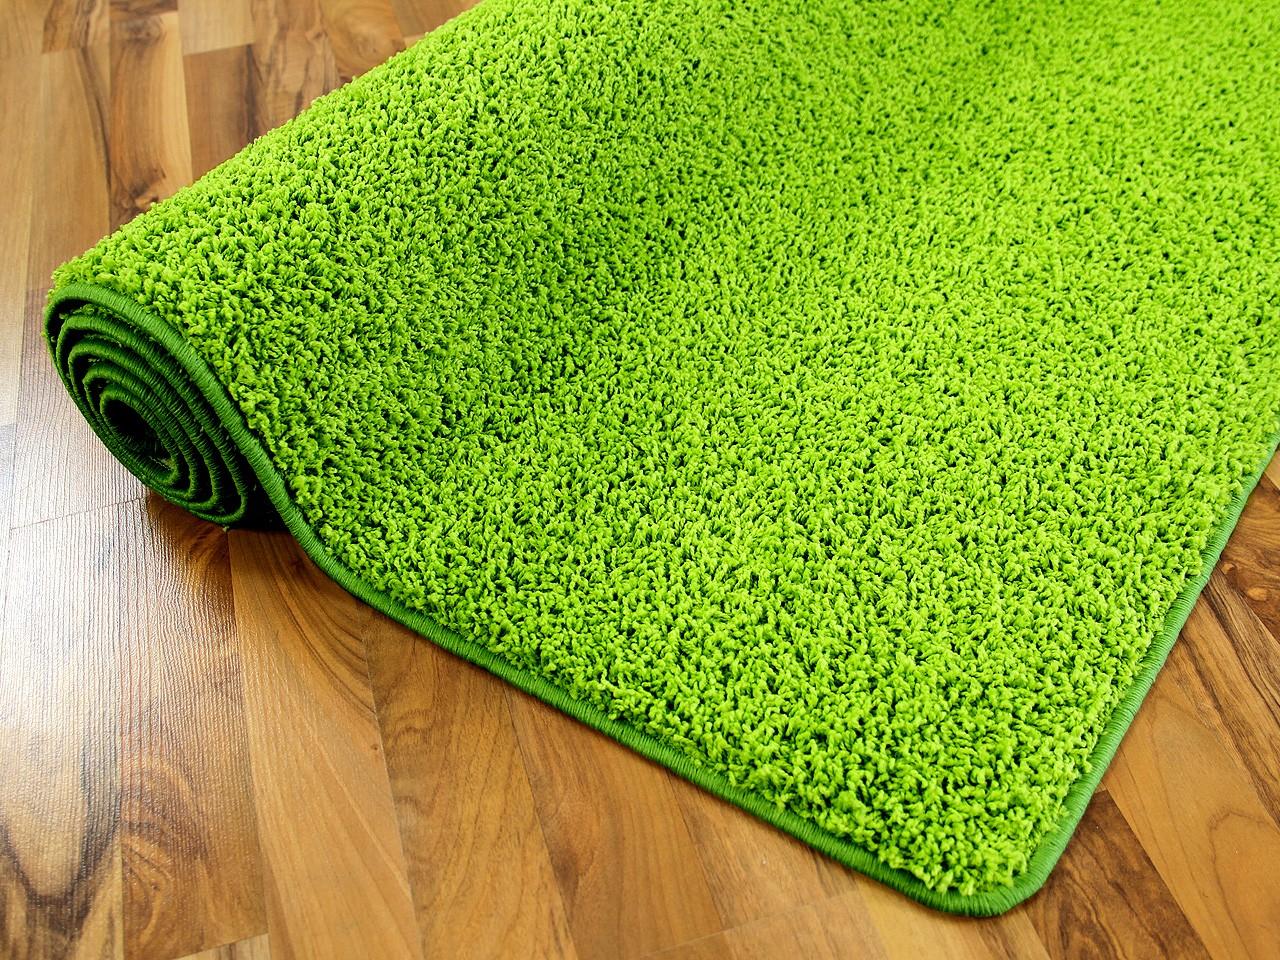 hochflor shaggy teppich prestige lindgr n in 24 gr en teppiche hochflor langflor teppiche gr n. Black Bedroom Furniture Sets. Home Design Ideas